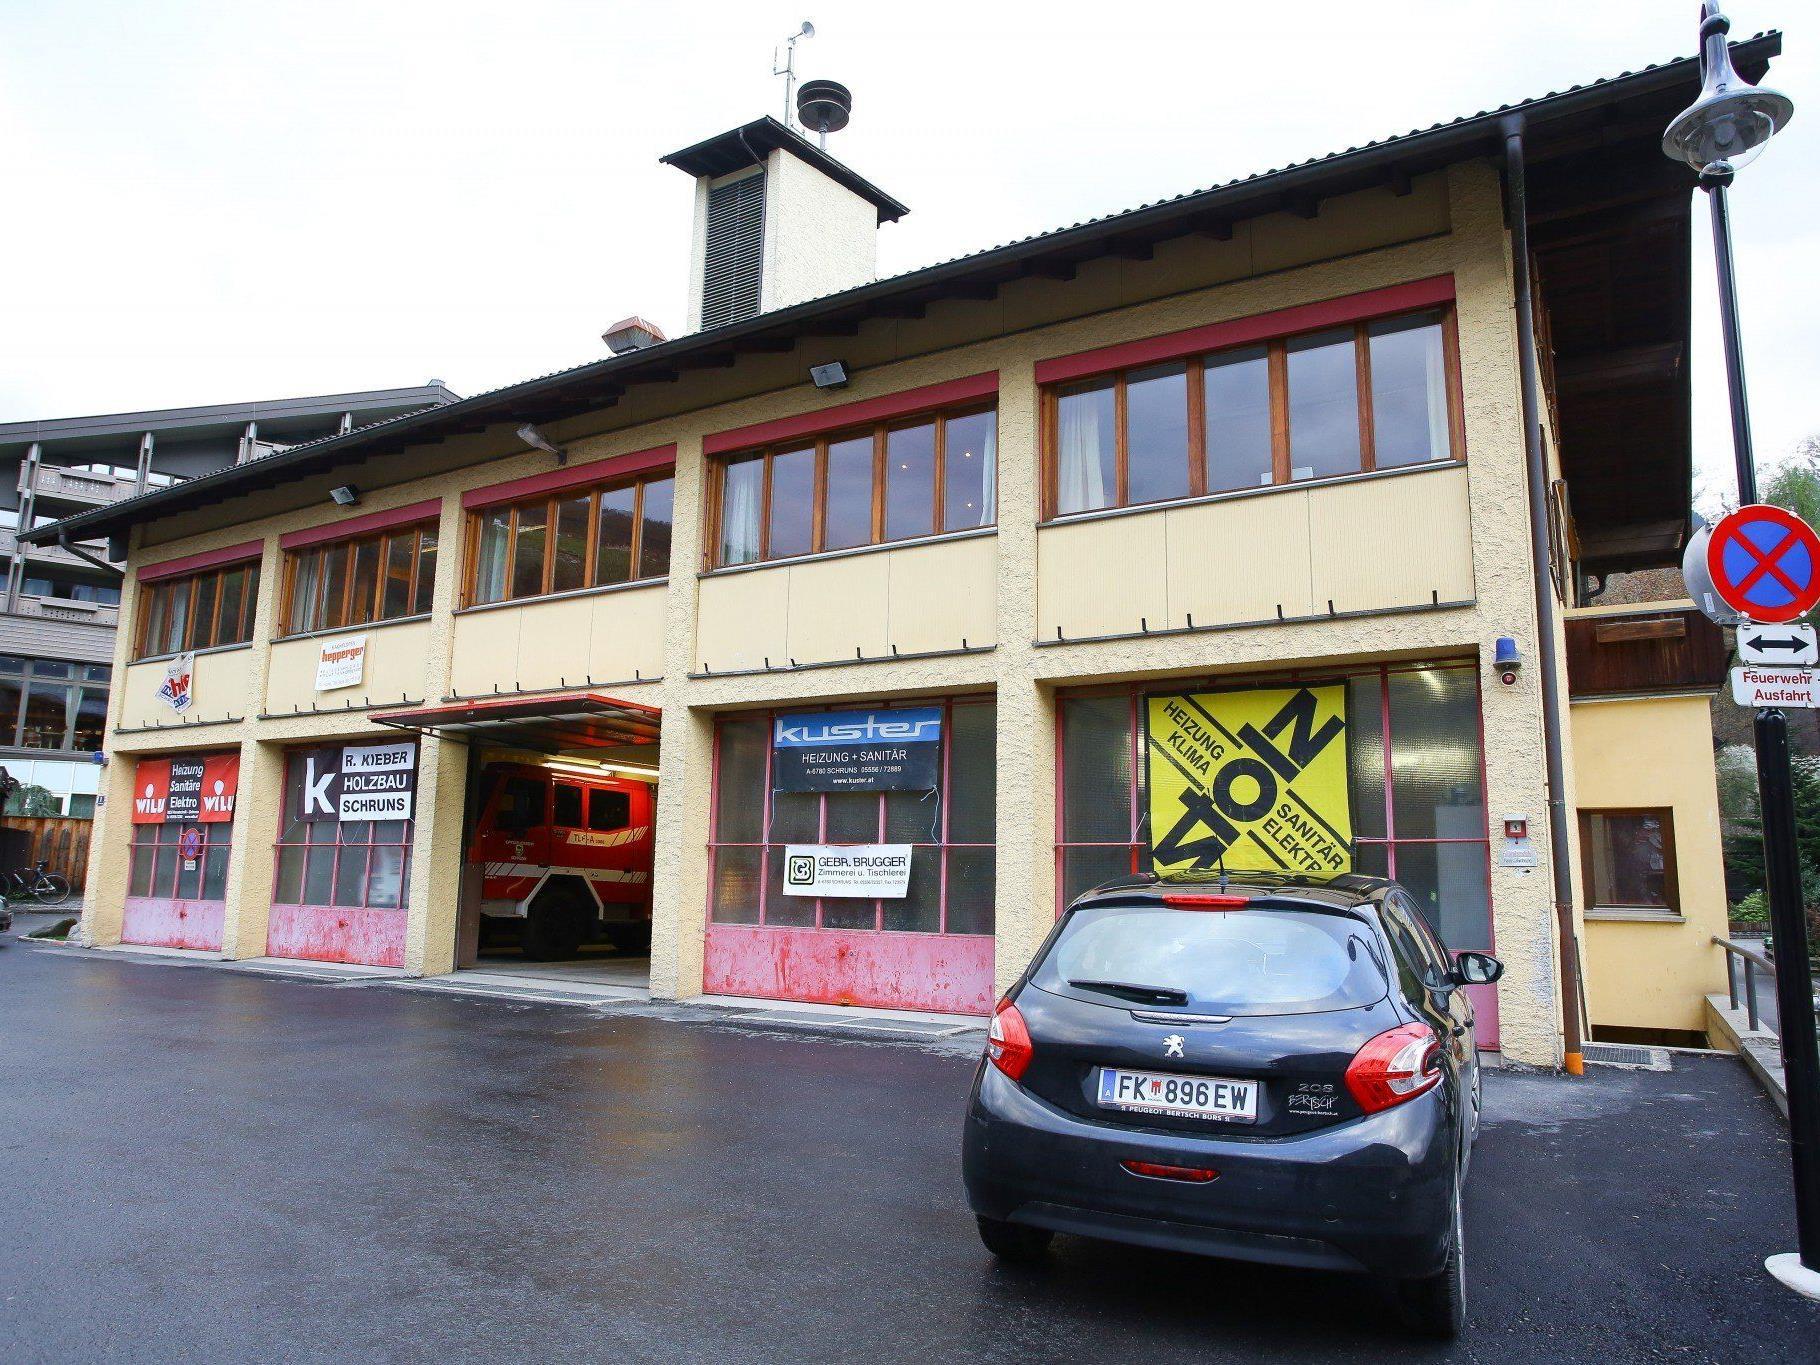 Enorme Ersparnis: Hätte man den Umbau privaten Firmen übertragen, hätte er rund 300.000 Euro gekostet.